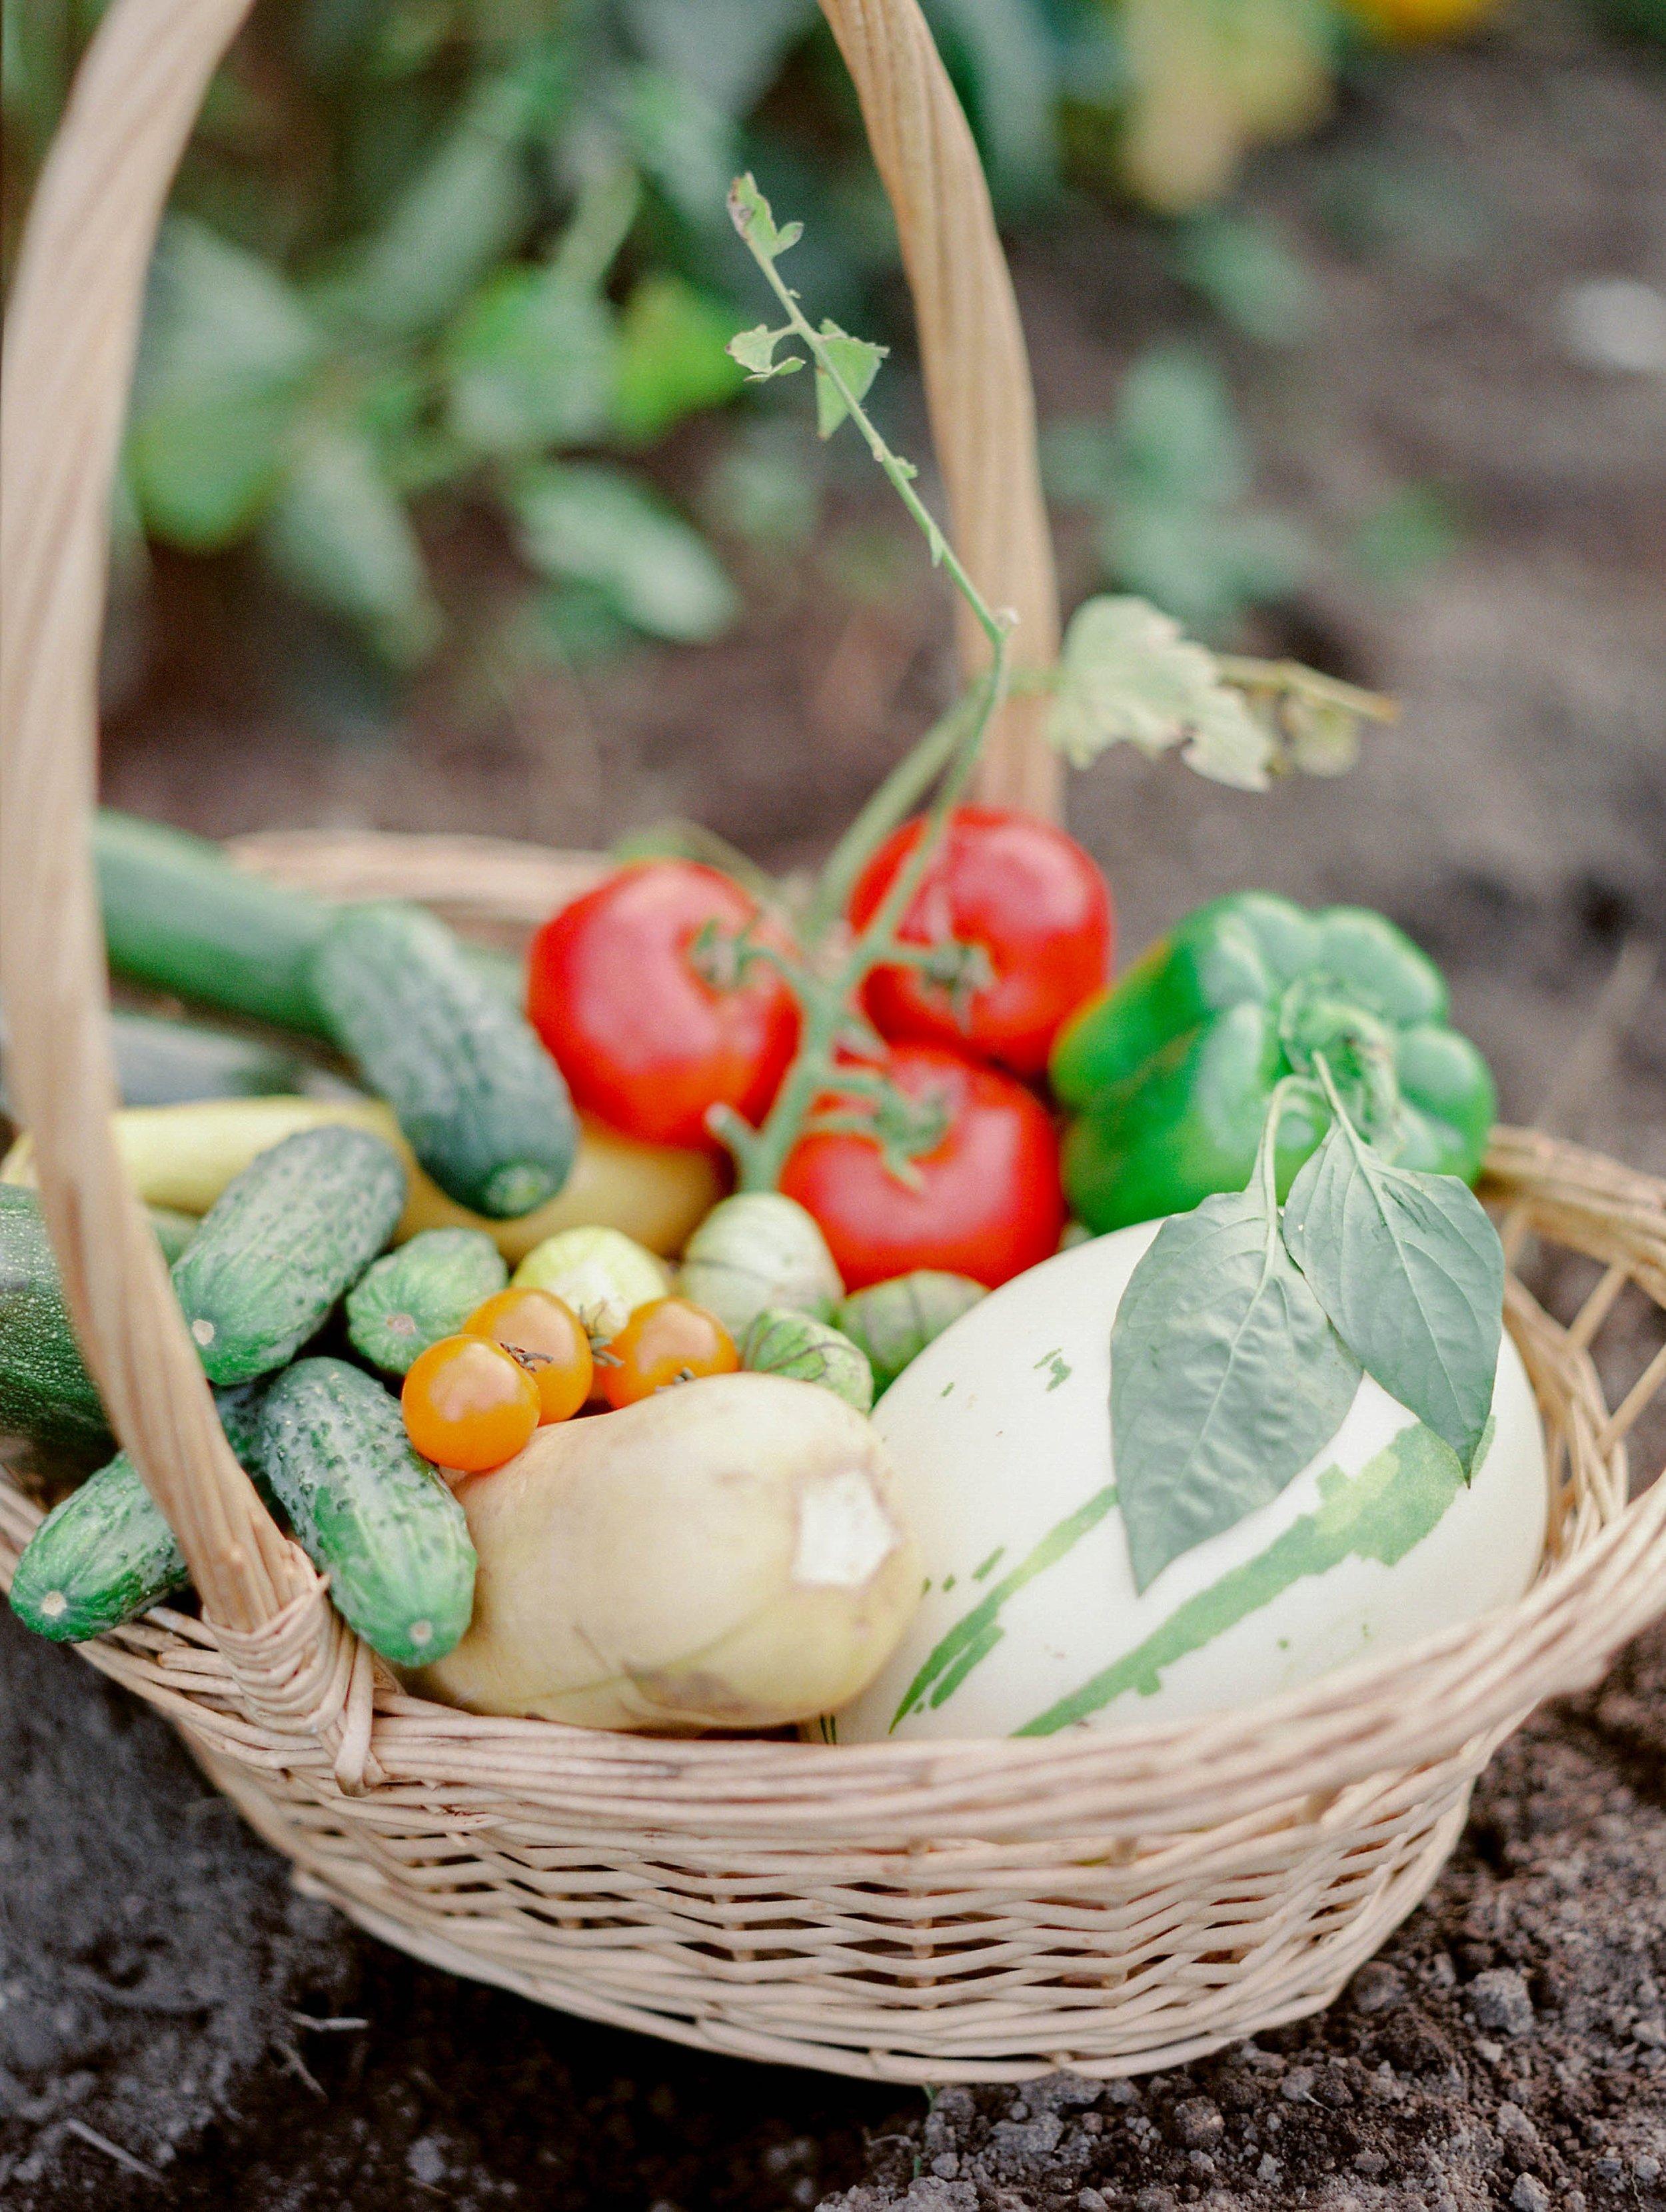 vegetablegardenmorganworley_0015.jpg